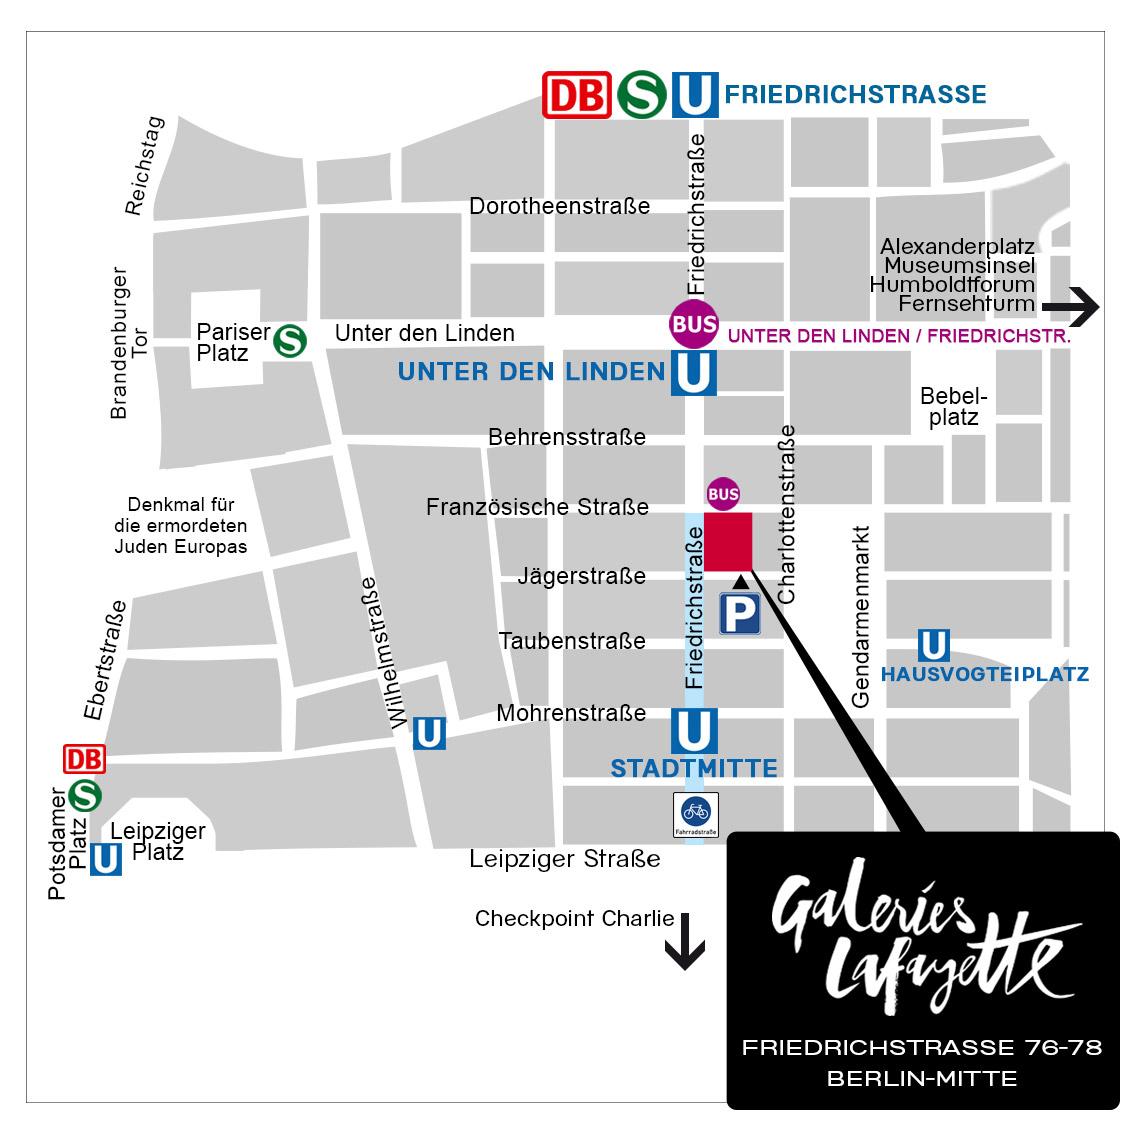 GaleriesLafayetteBerlin20_Lageplan-Website_mit-Fahrradstraße